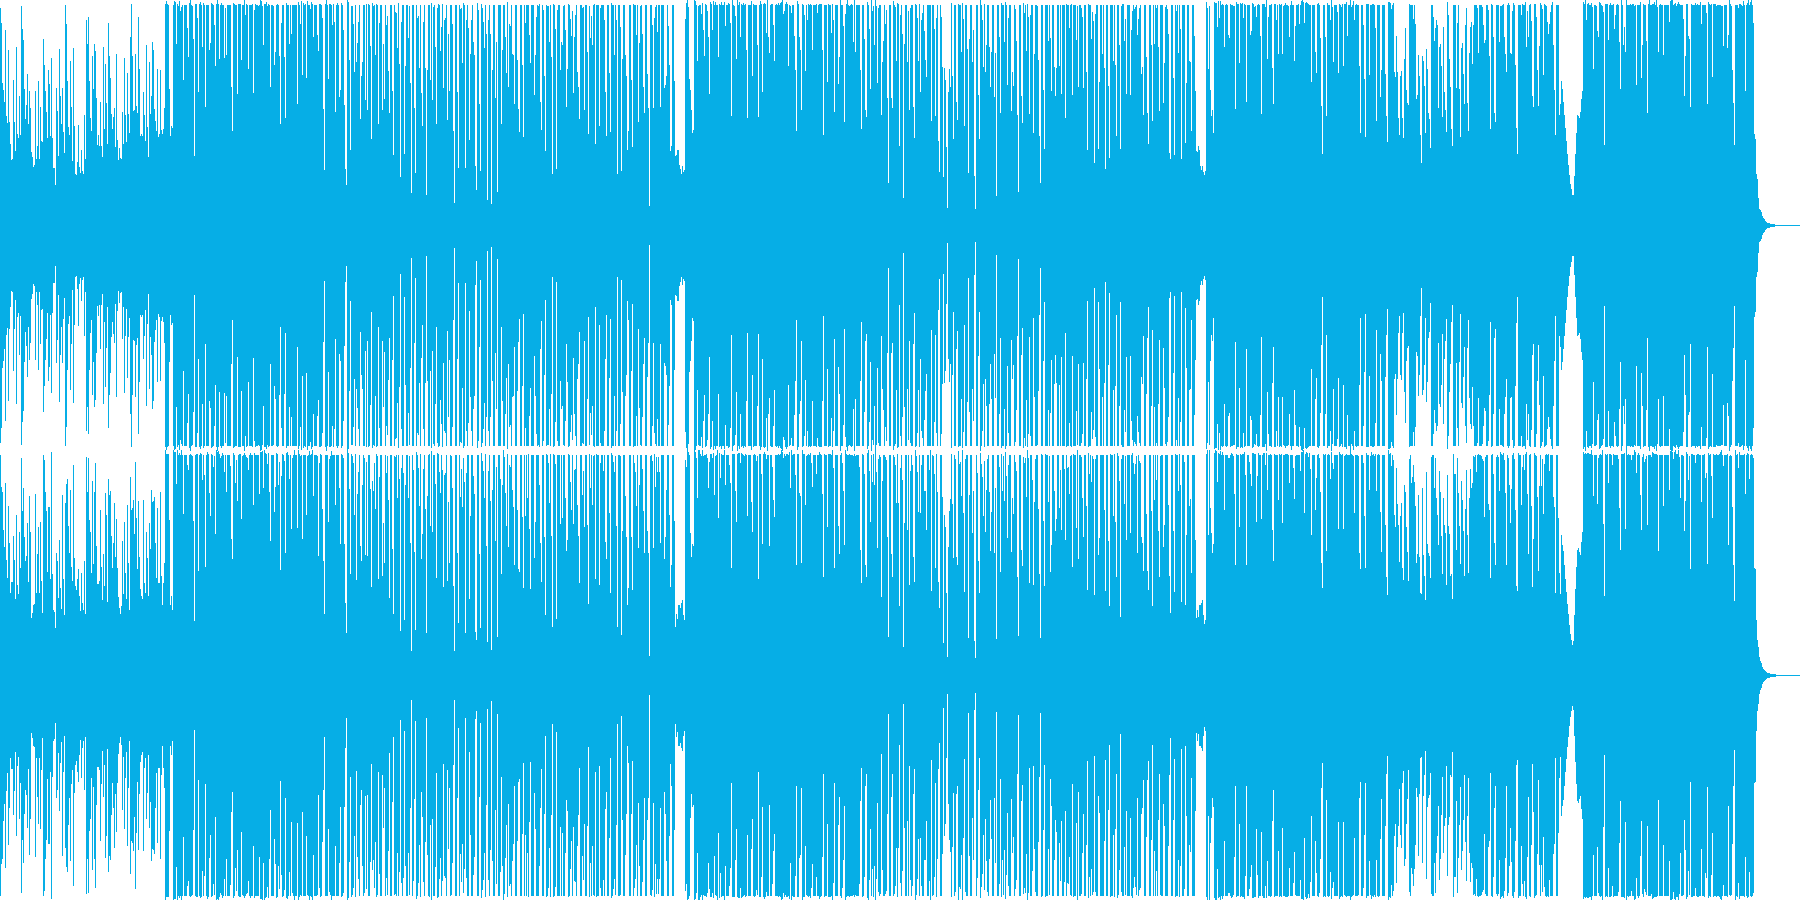 ヨガや筋トレに映える爽やかなBGMの再生済みの波形